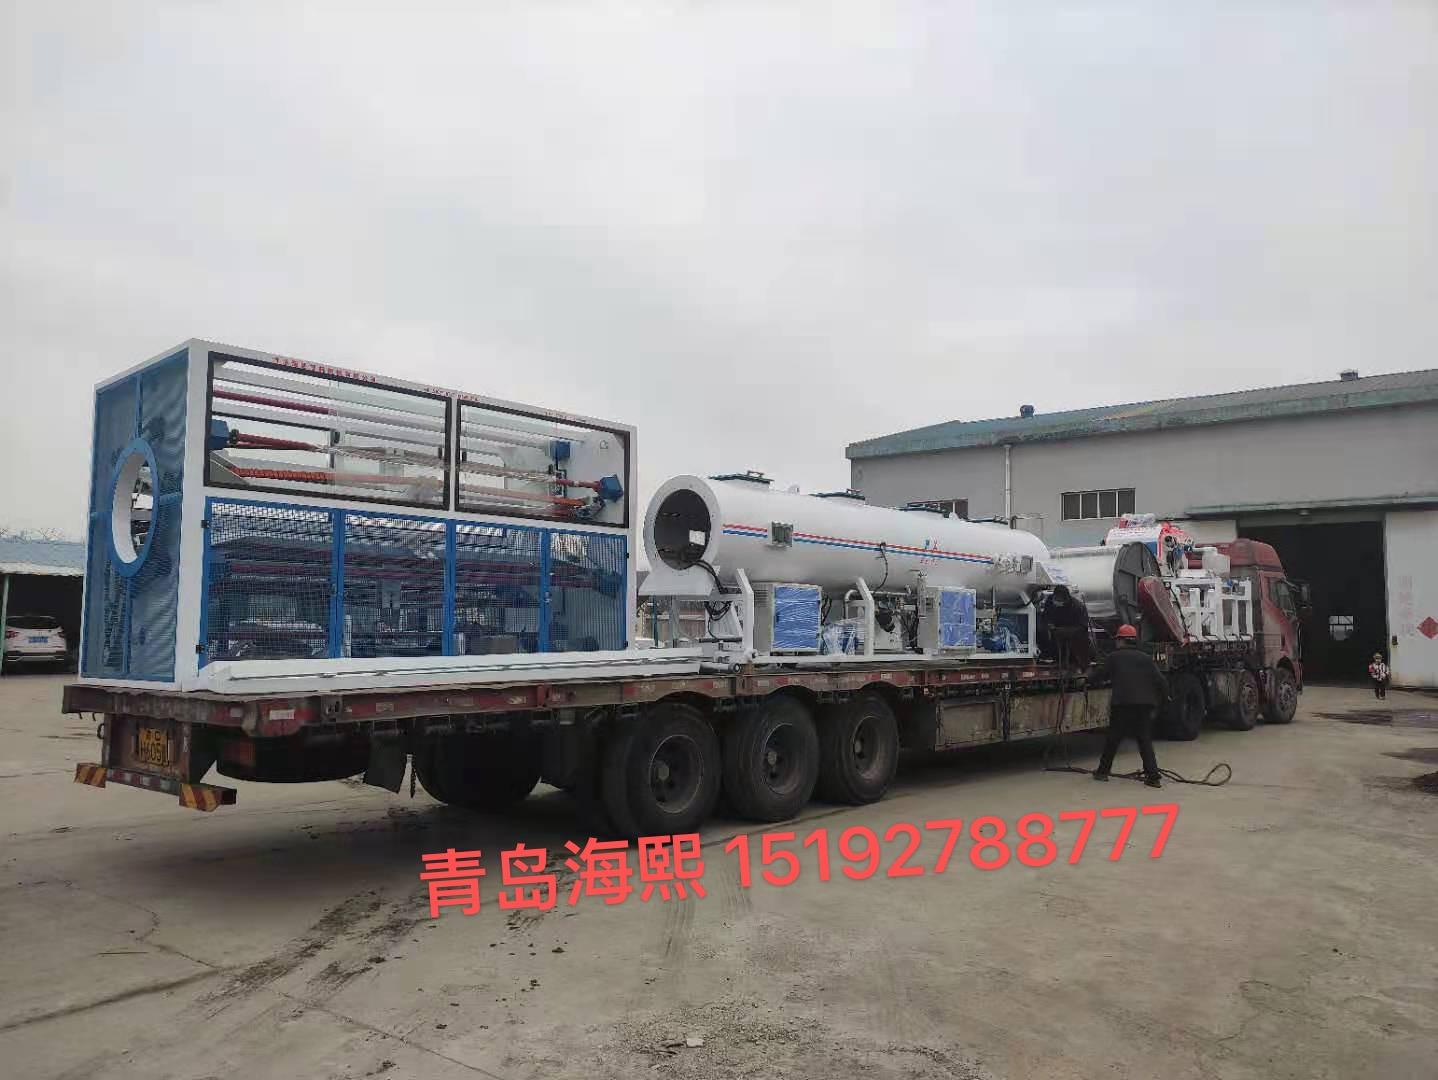 吸引客戶到青島海熙塑機考察保溫管生產線的原因